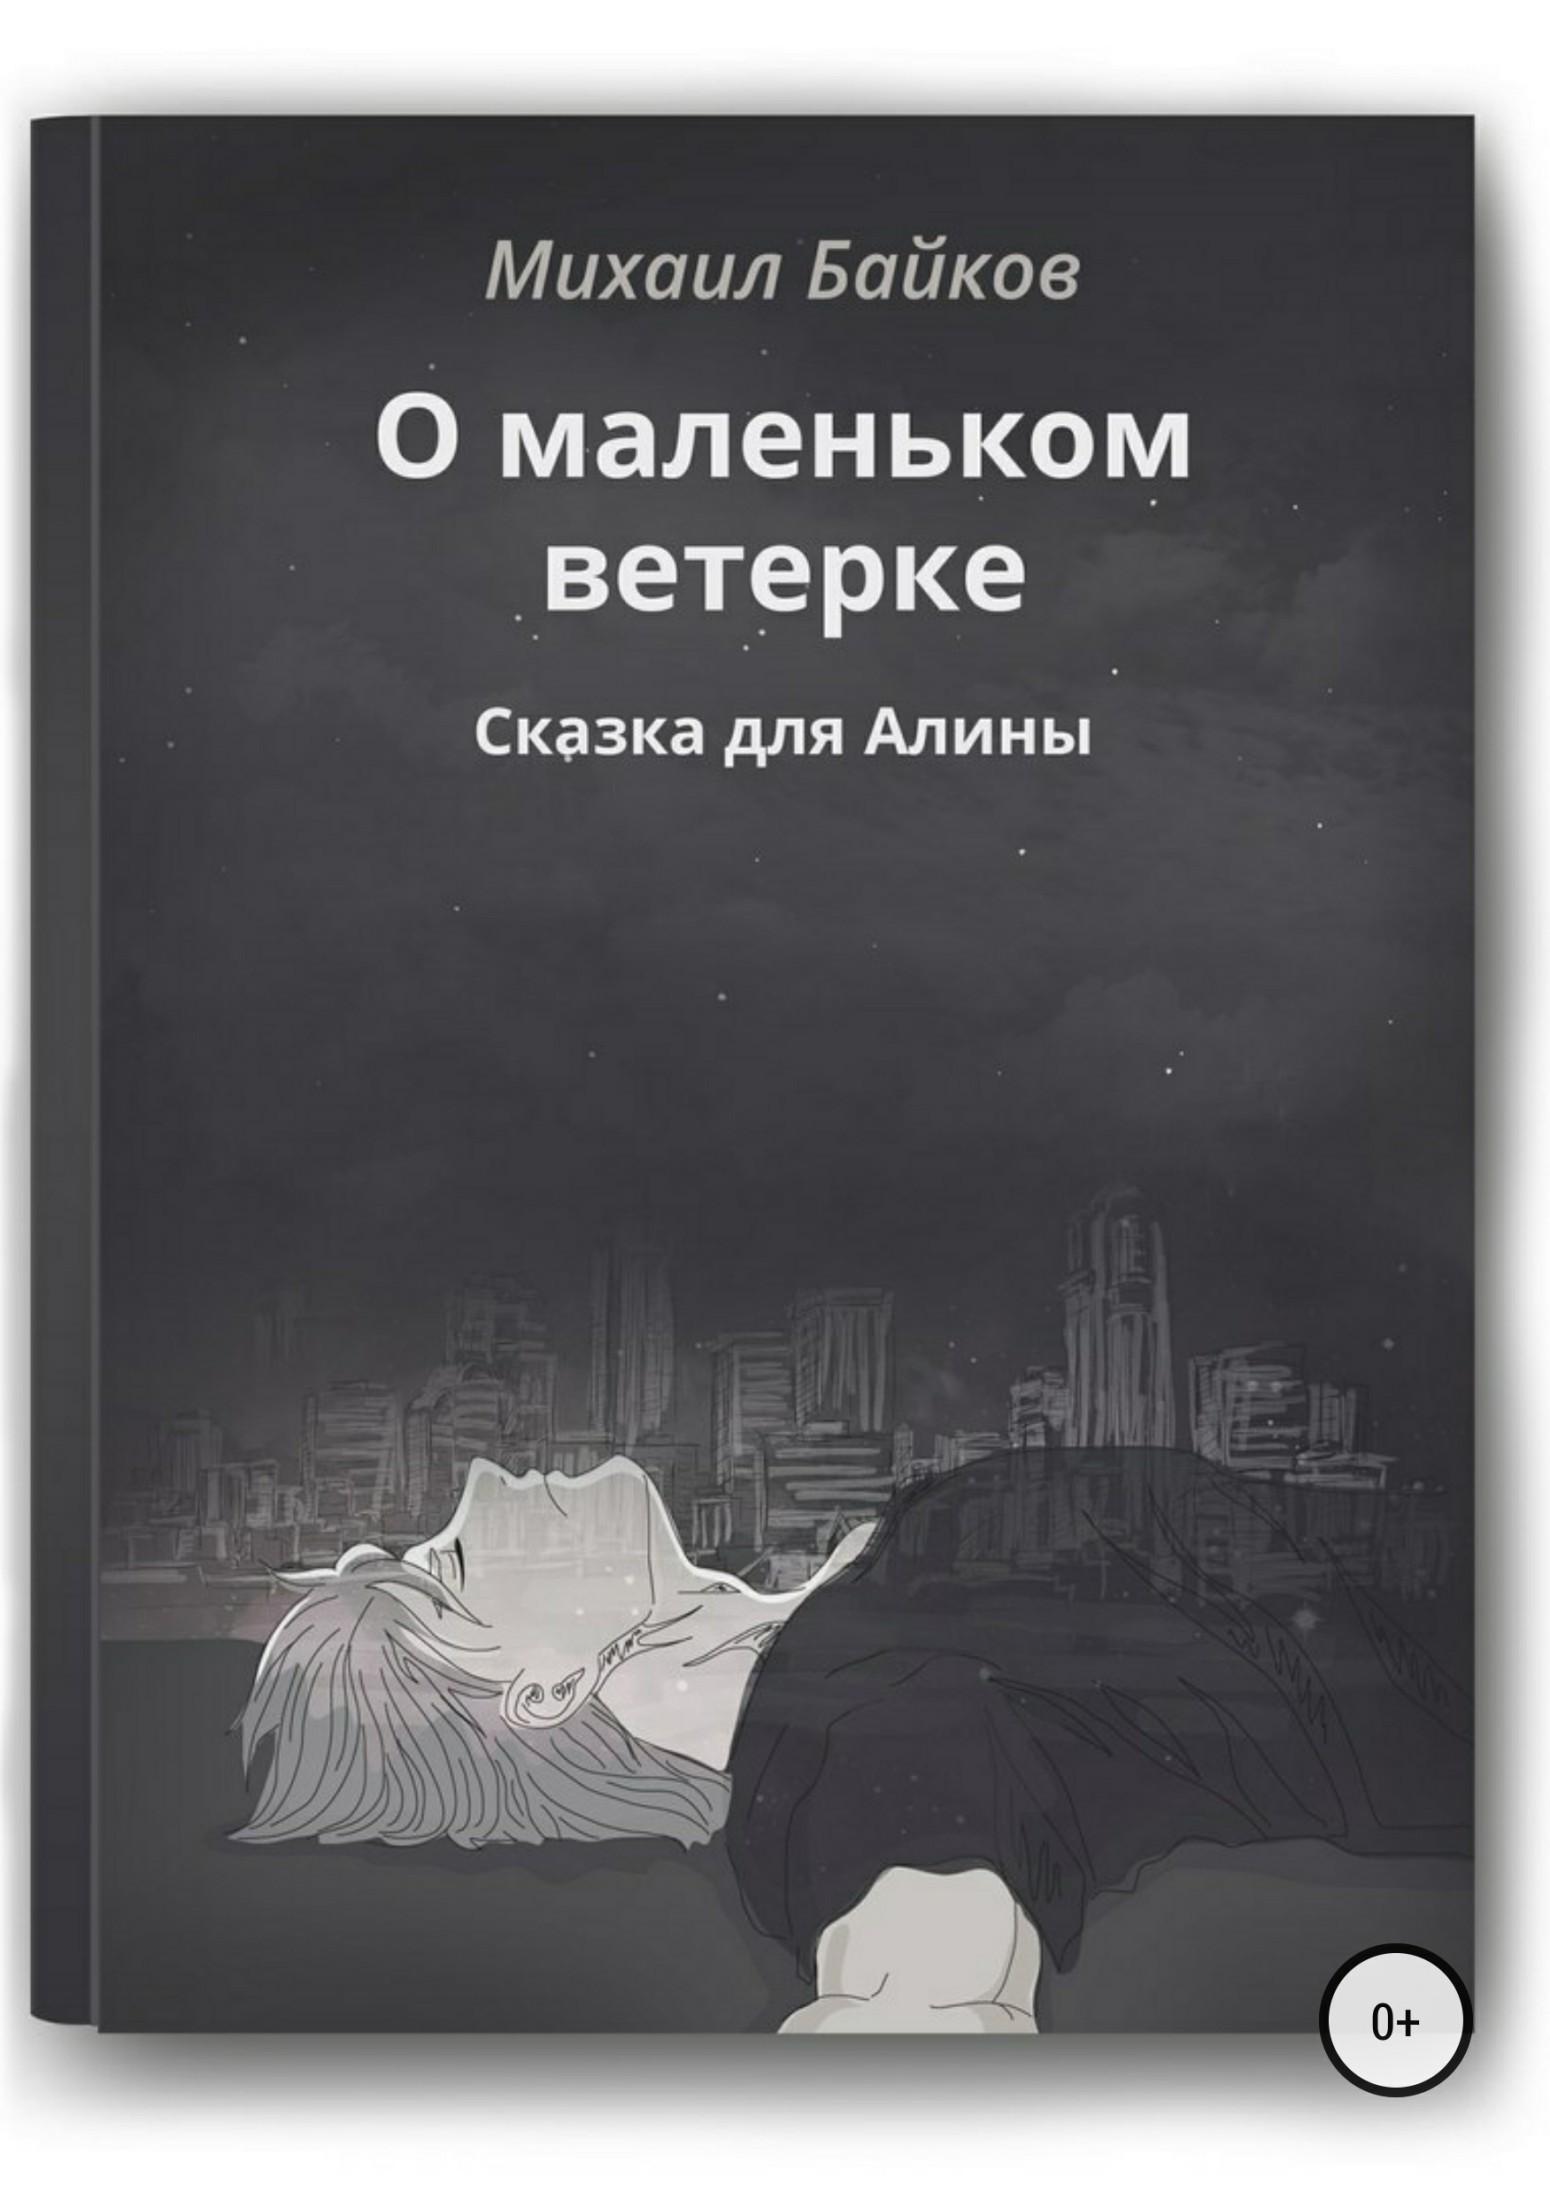 Михаил Байков - О маленьком ветерке. Сказка для Алины